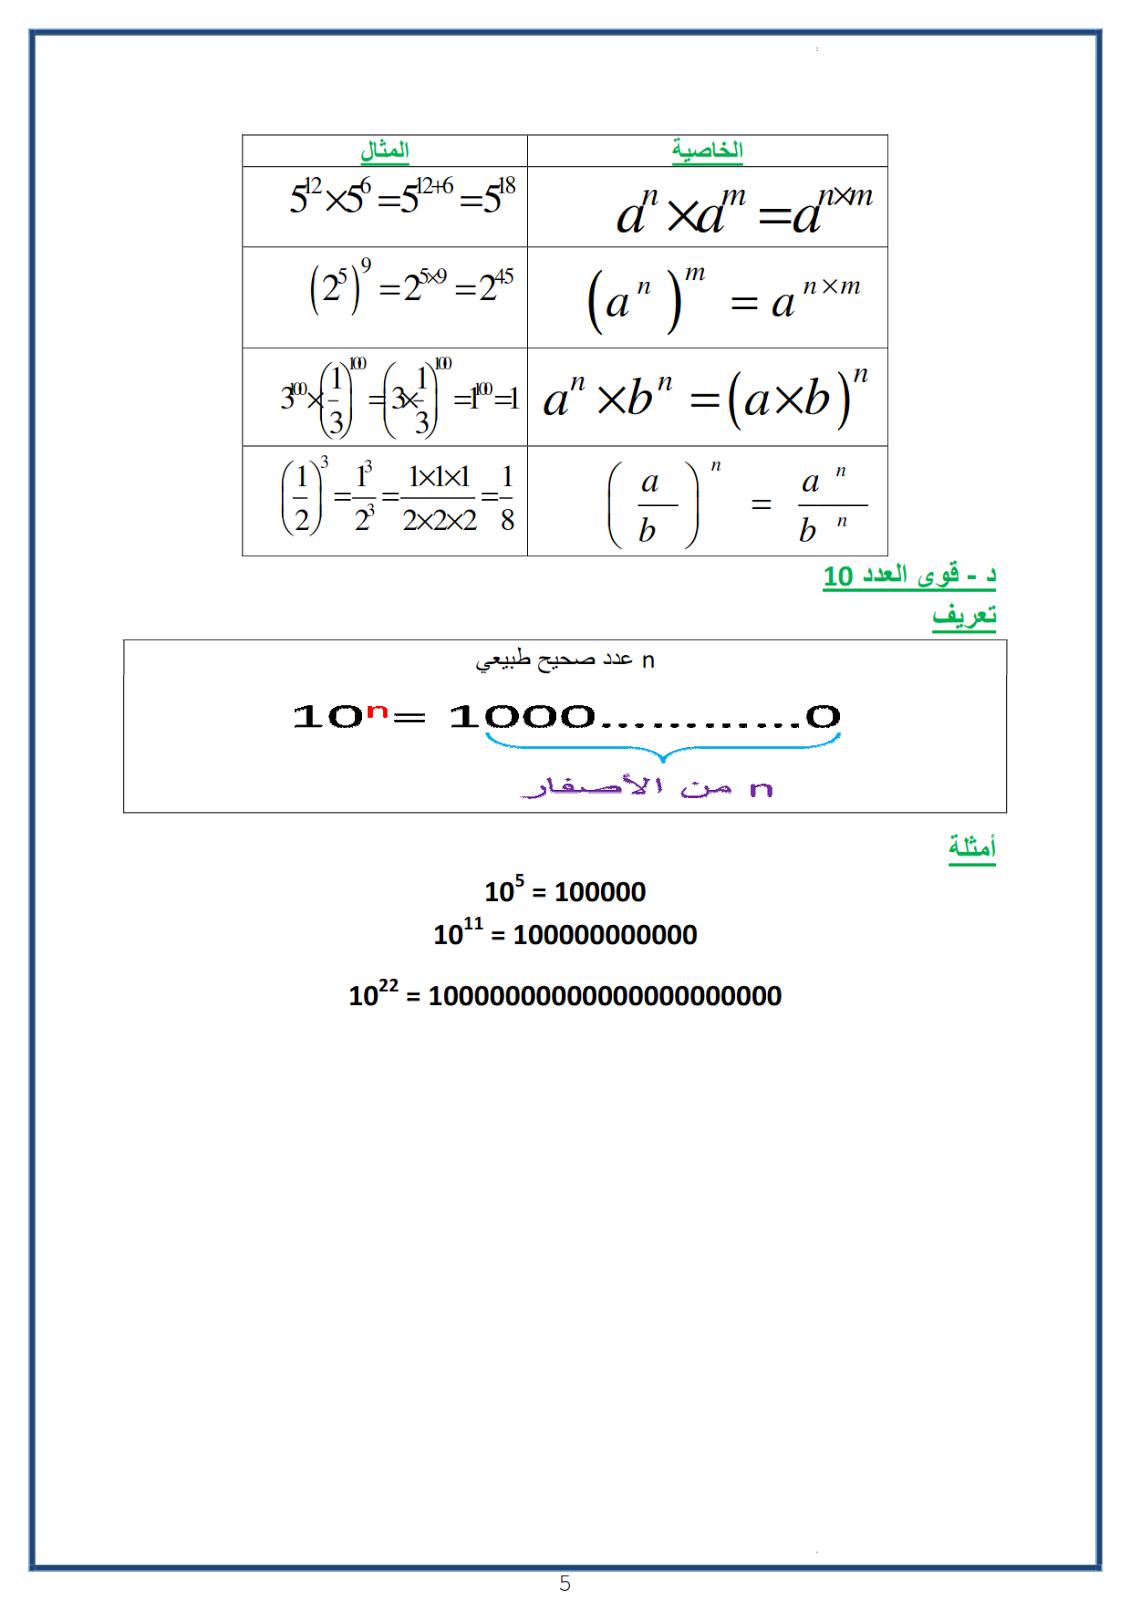 5الاعداد العشرية النسبية